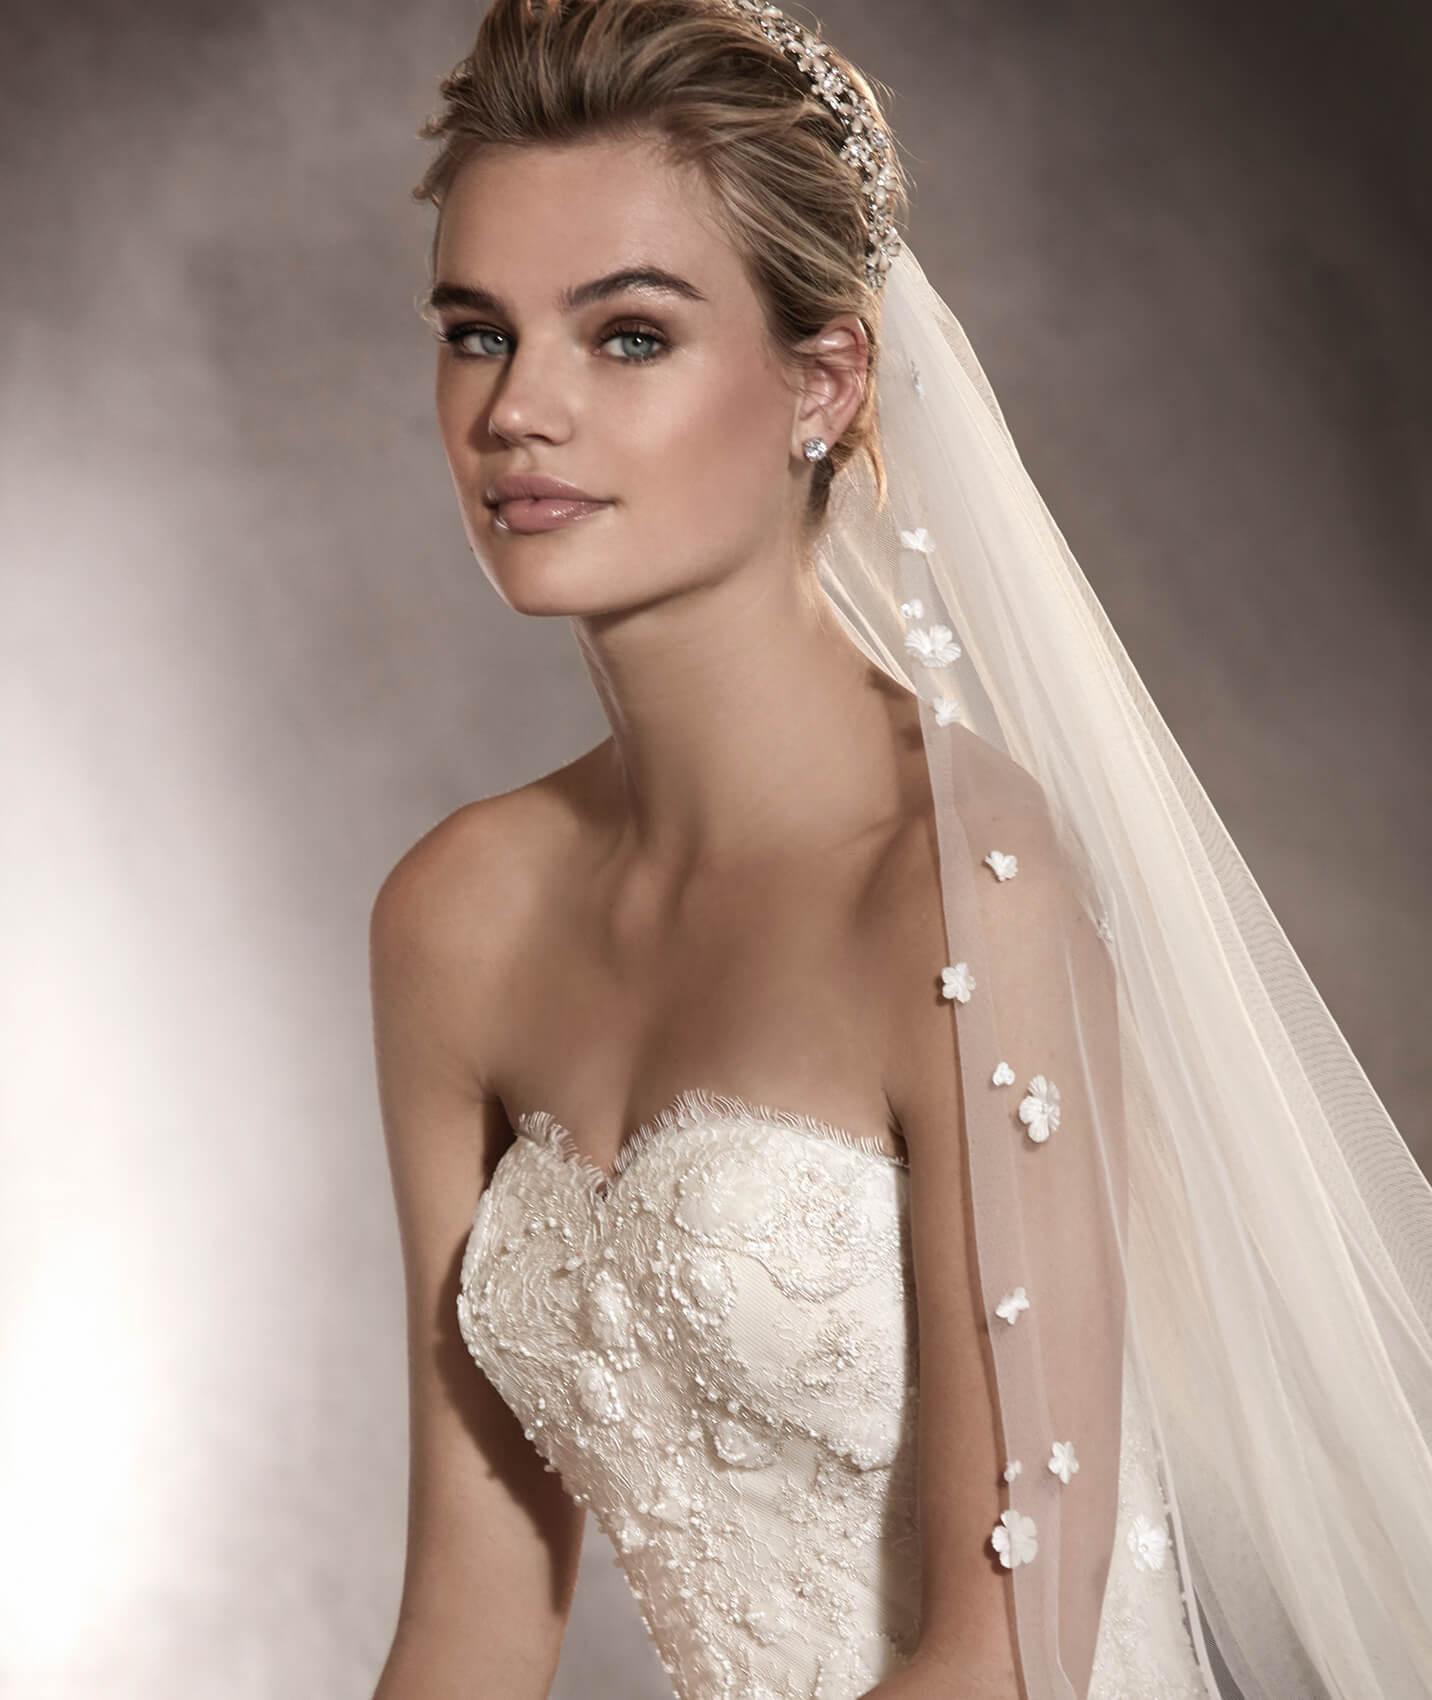 arizona vestuvine suknele 3